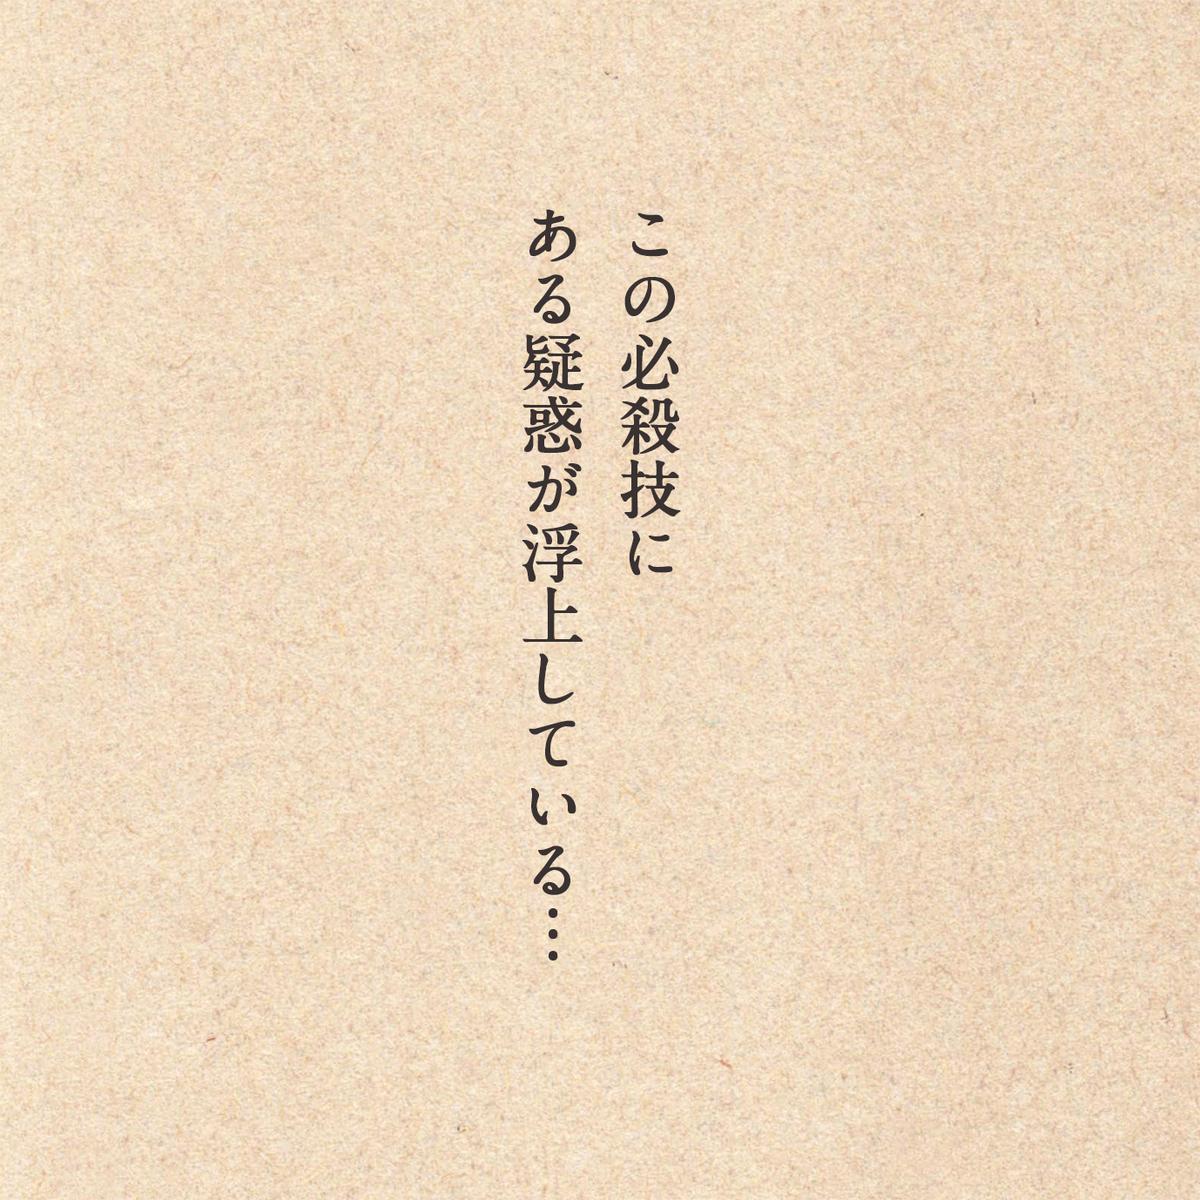 f:id:gintetutomi:20190911121645j:plain